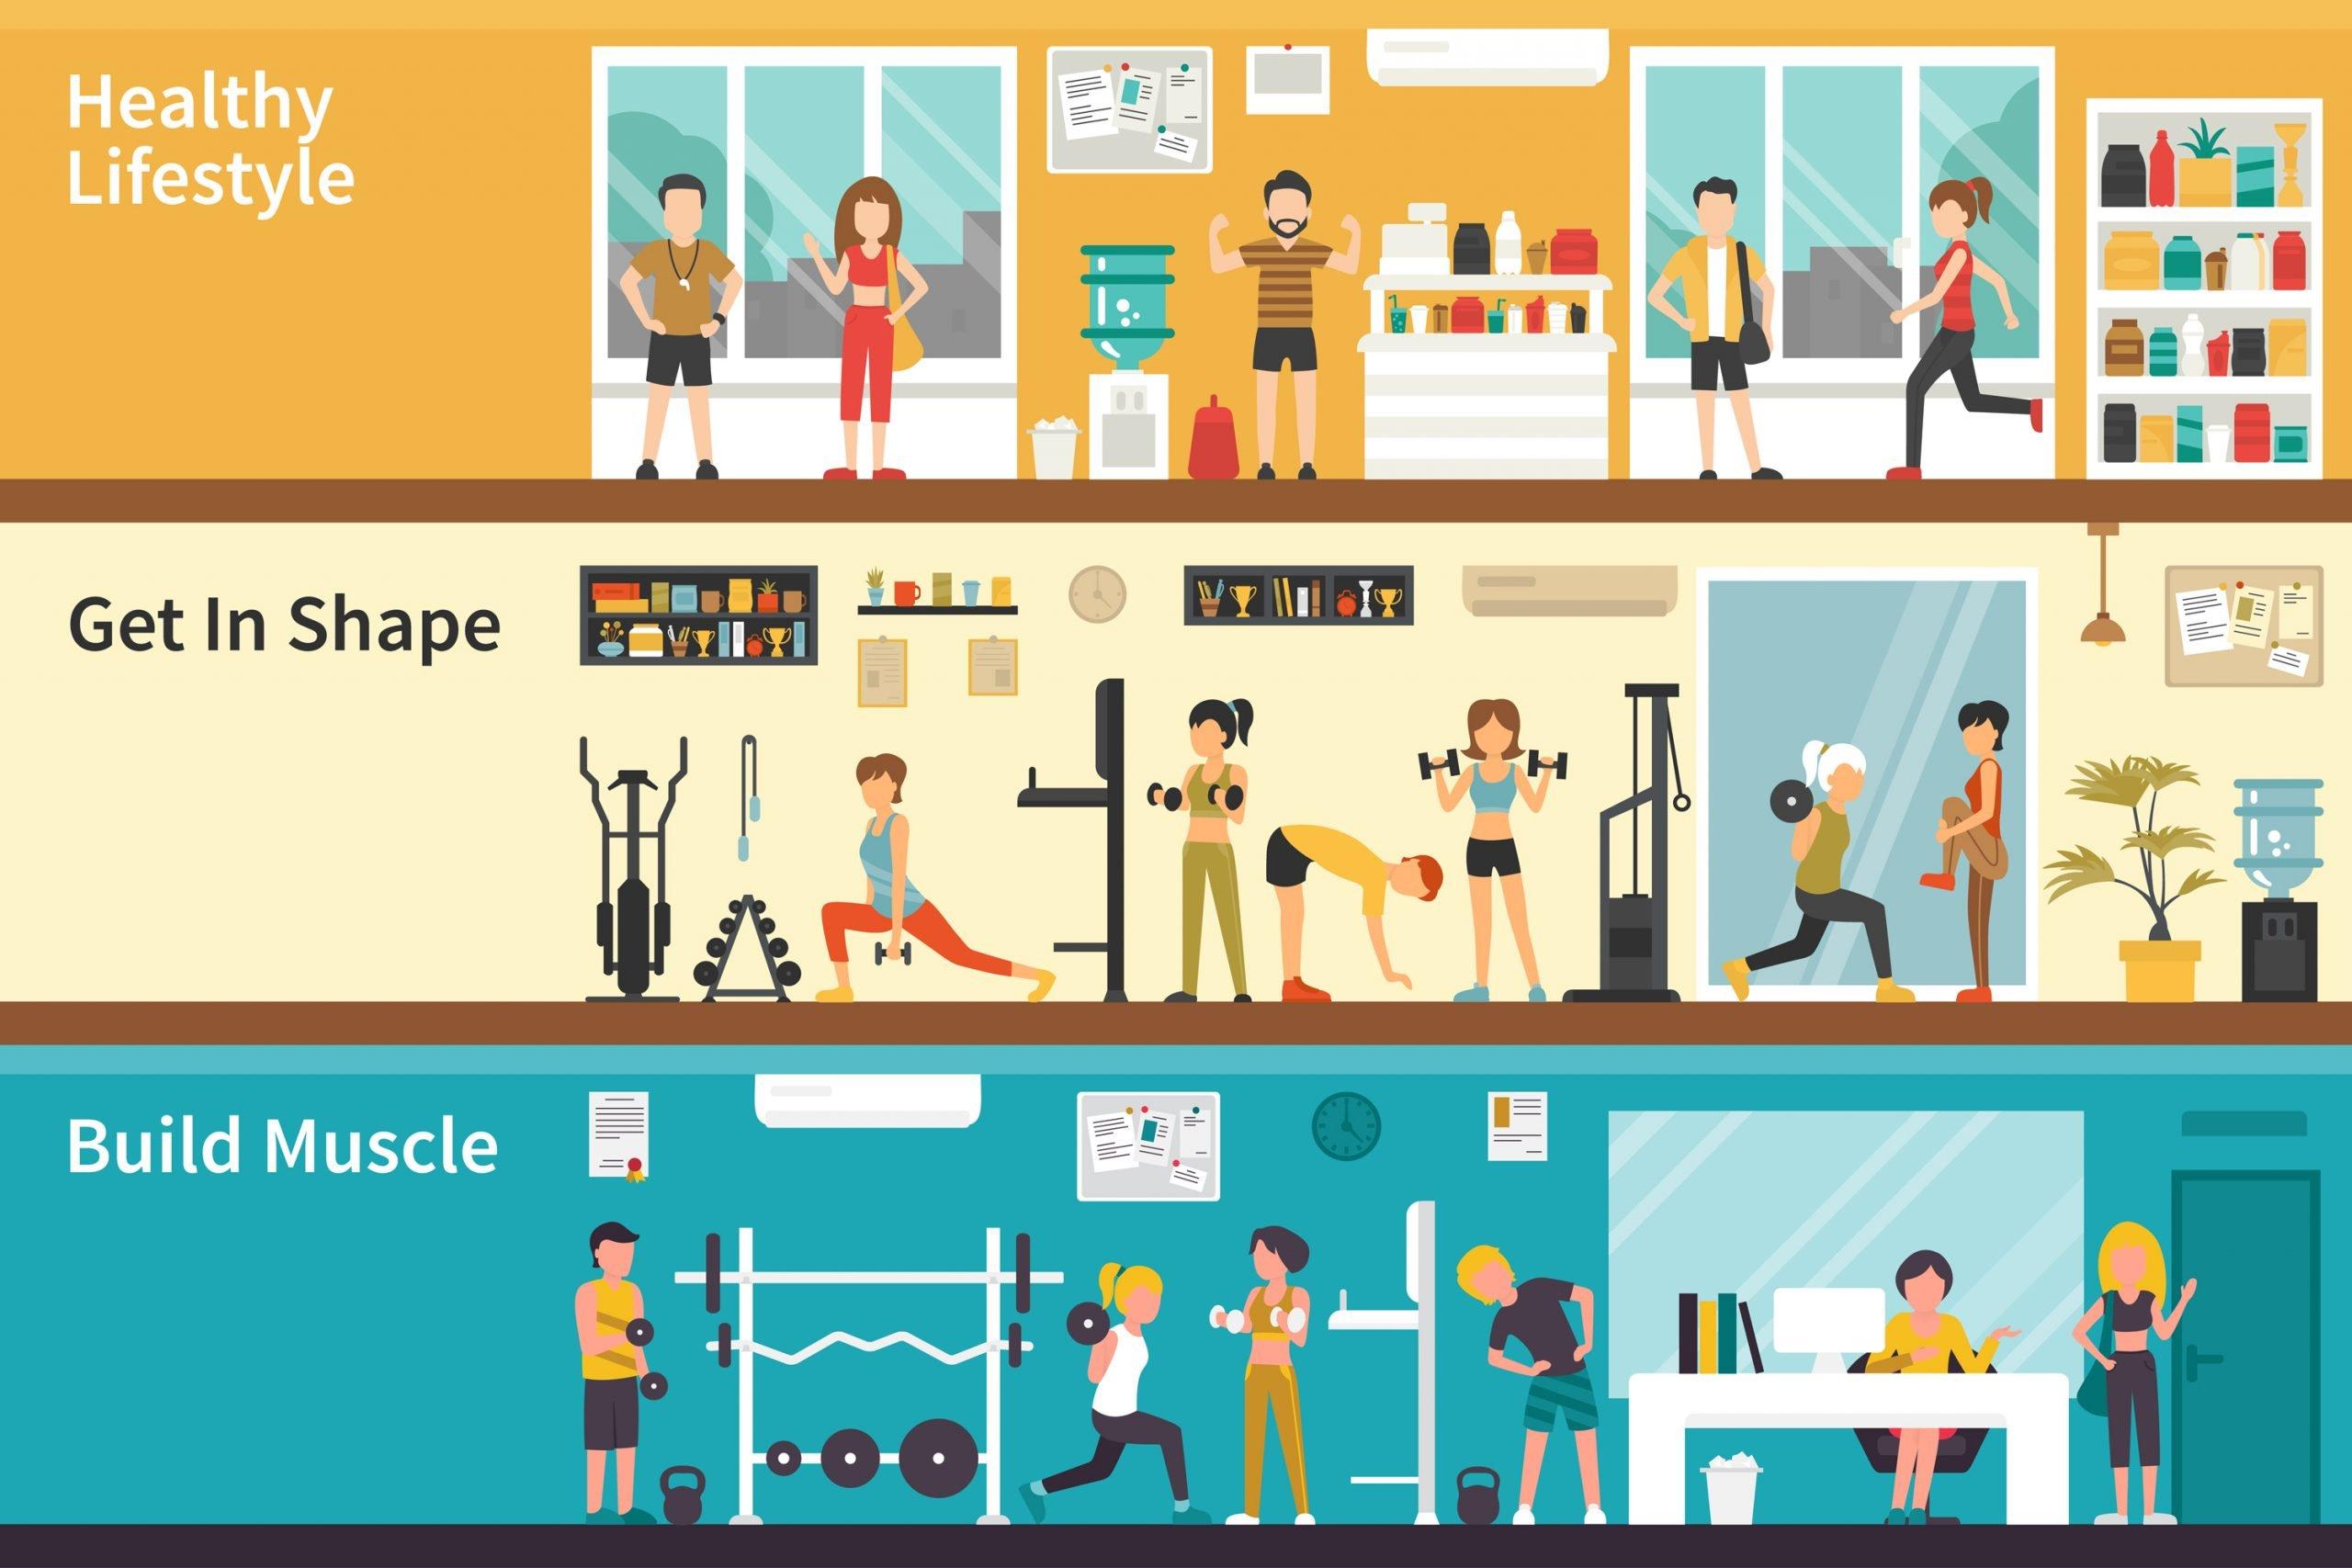 Gym Illustration scaled